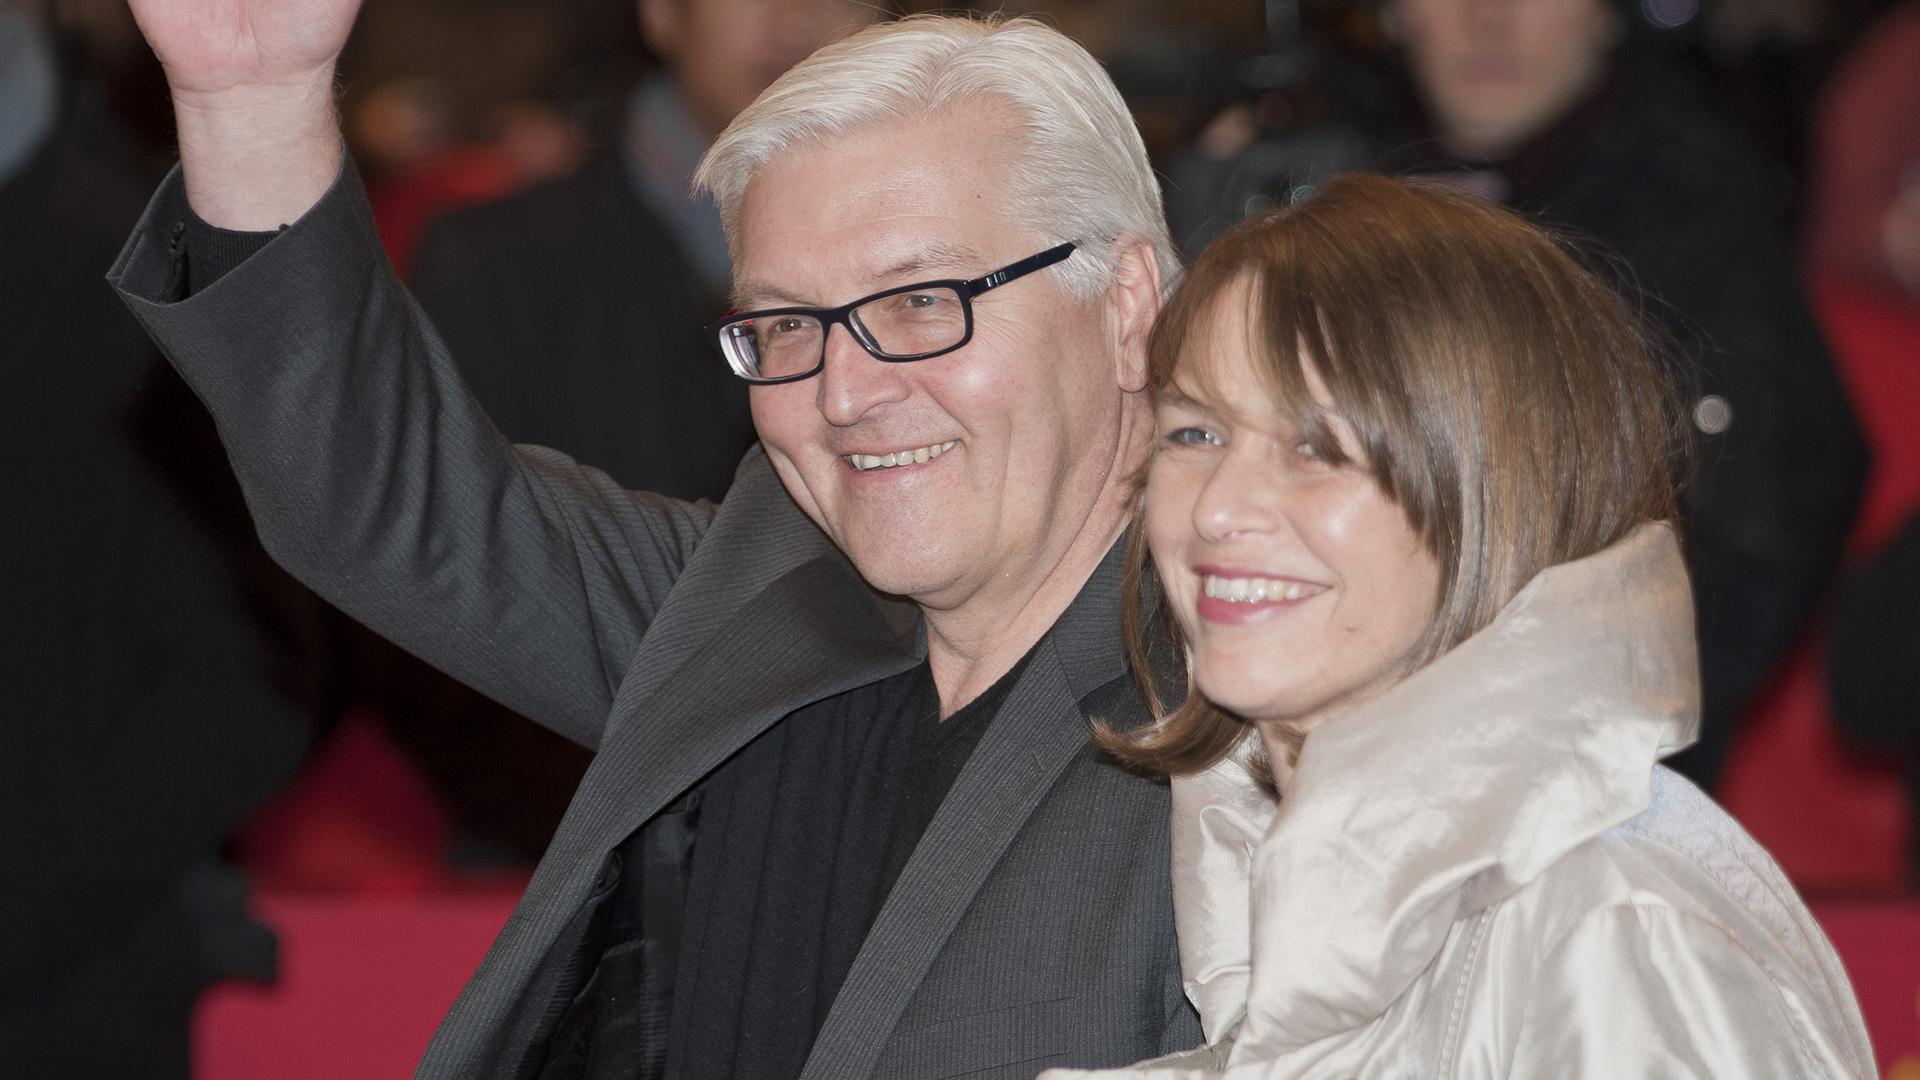 Seit 1995 sind sie verheiratet: Frank-Walter Steinmeier und Elke Büdenbender, die 2010 von ihrem Mann eine Spenderniere erhielt